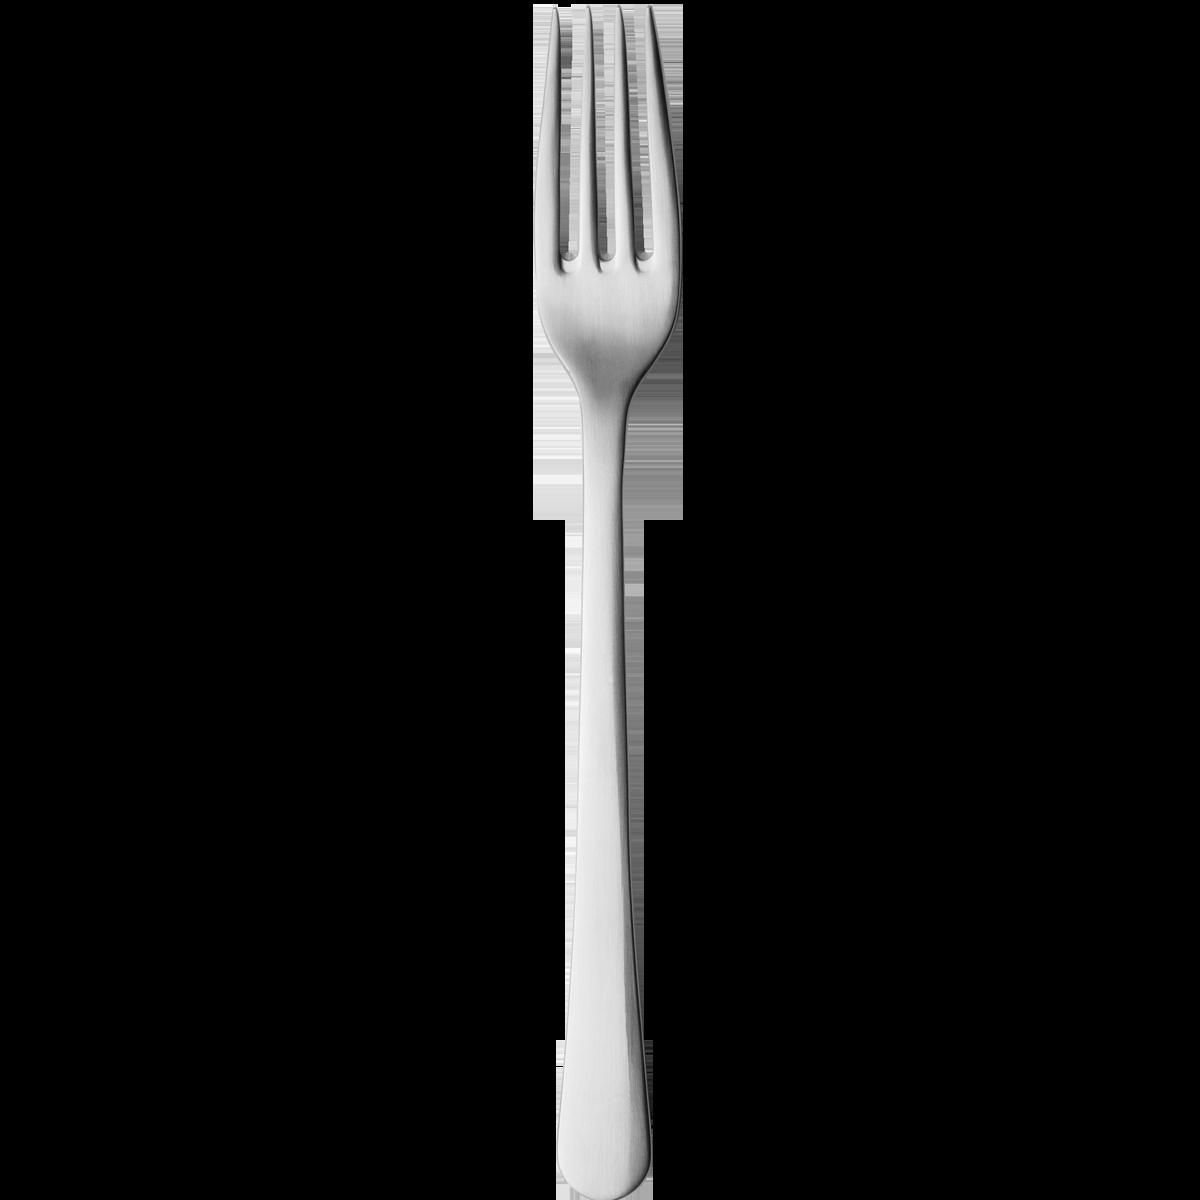 Fork clipart plastic fork, Fork plastic fork Transparent ...